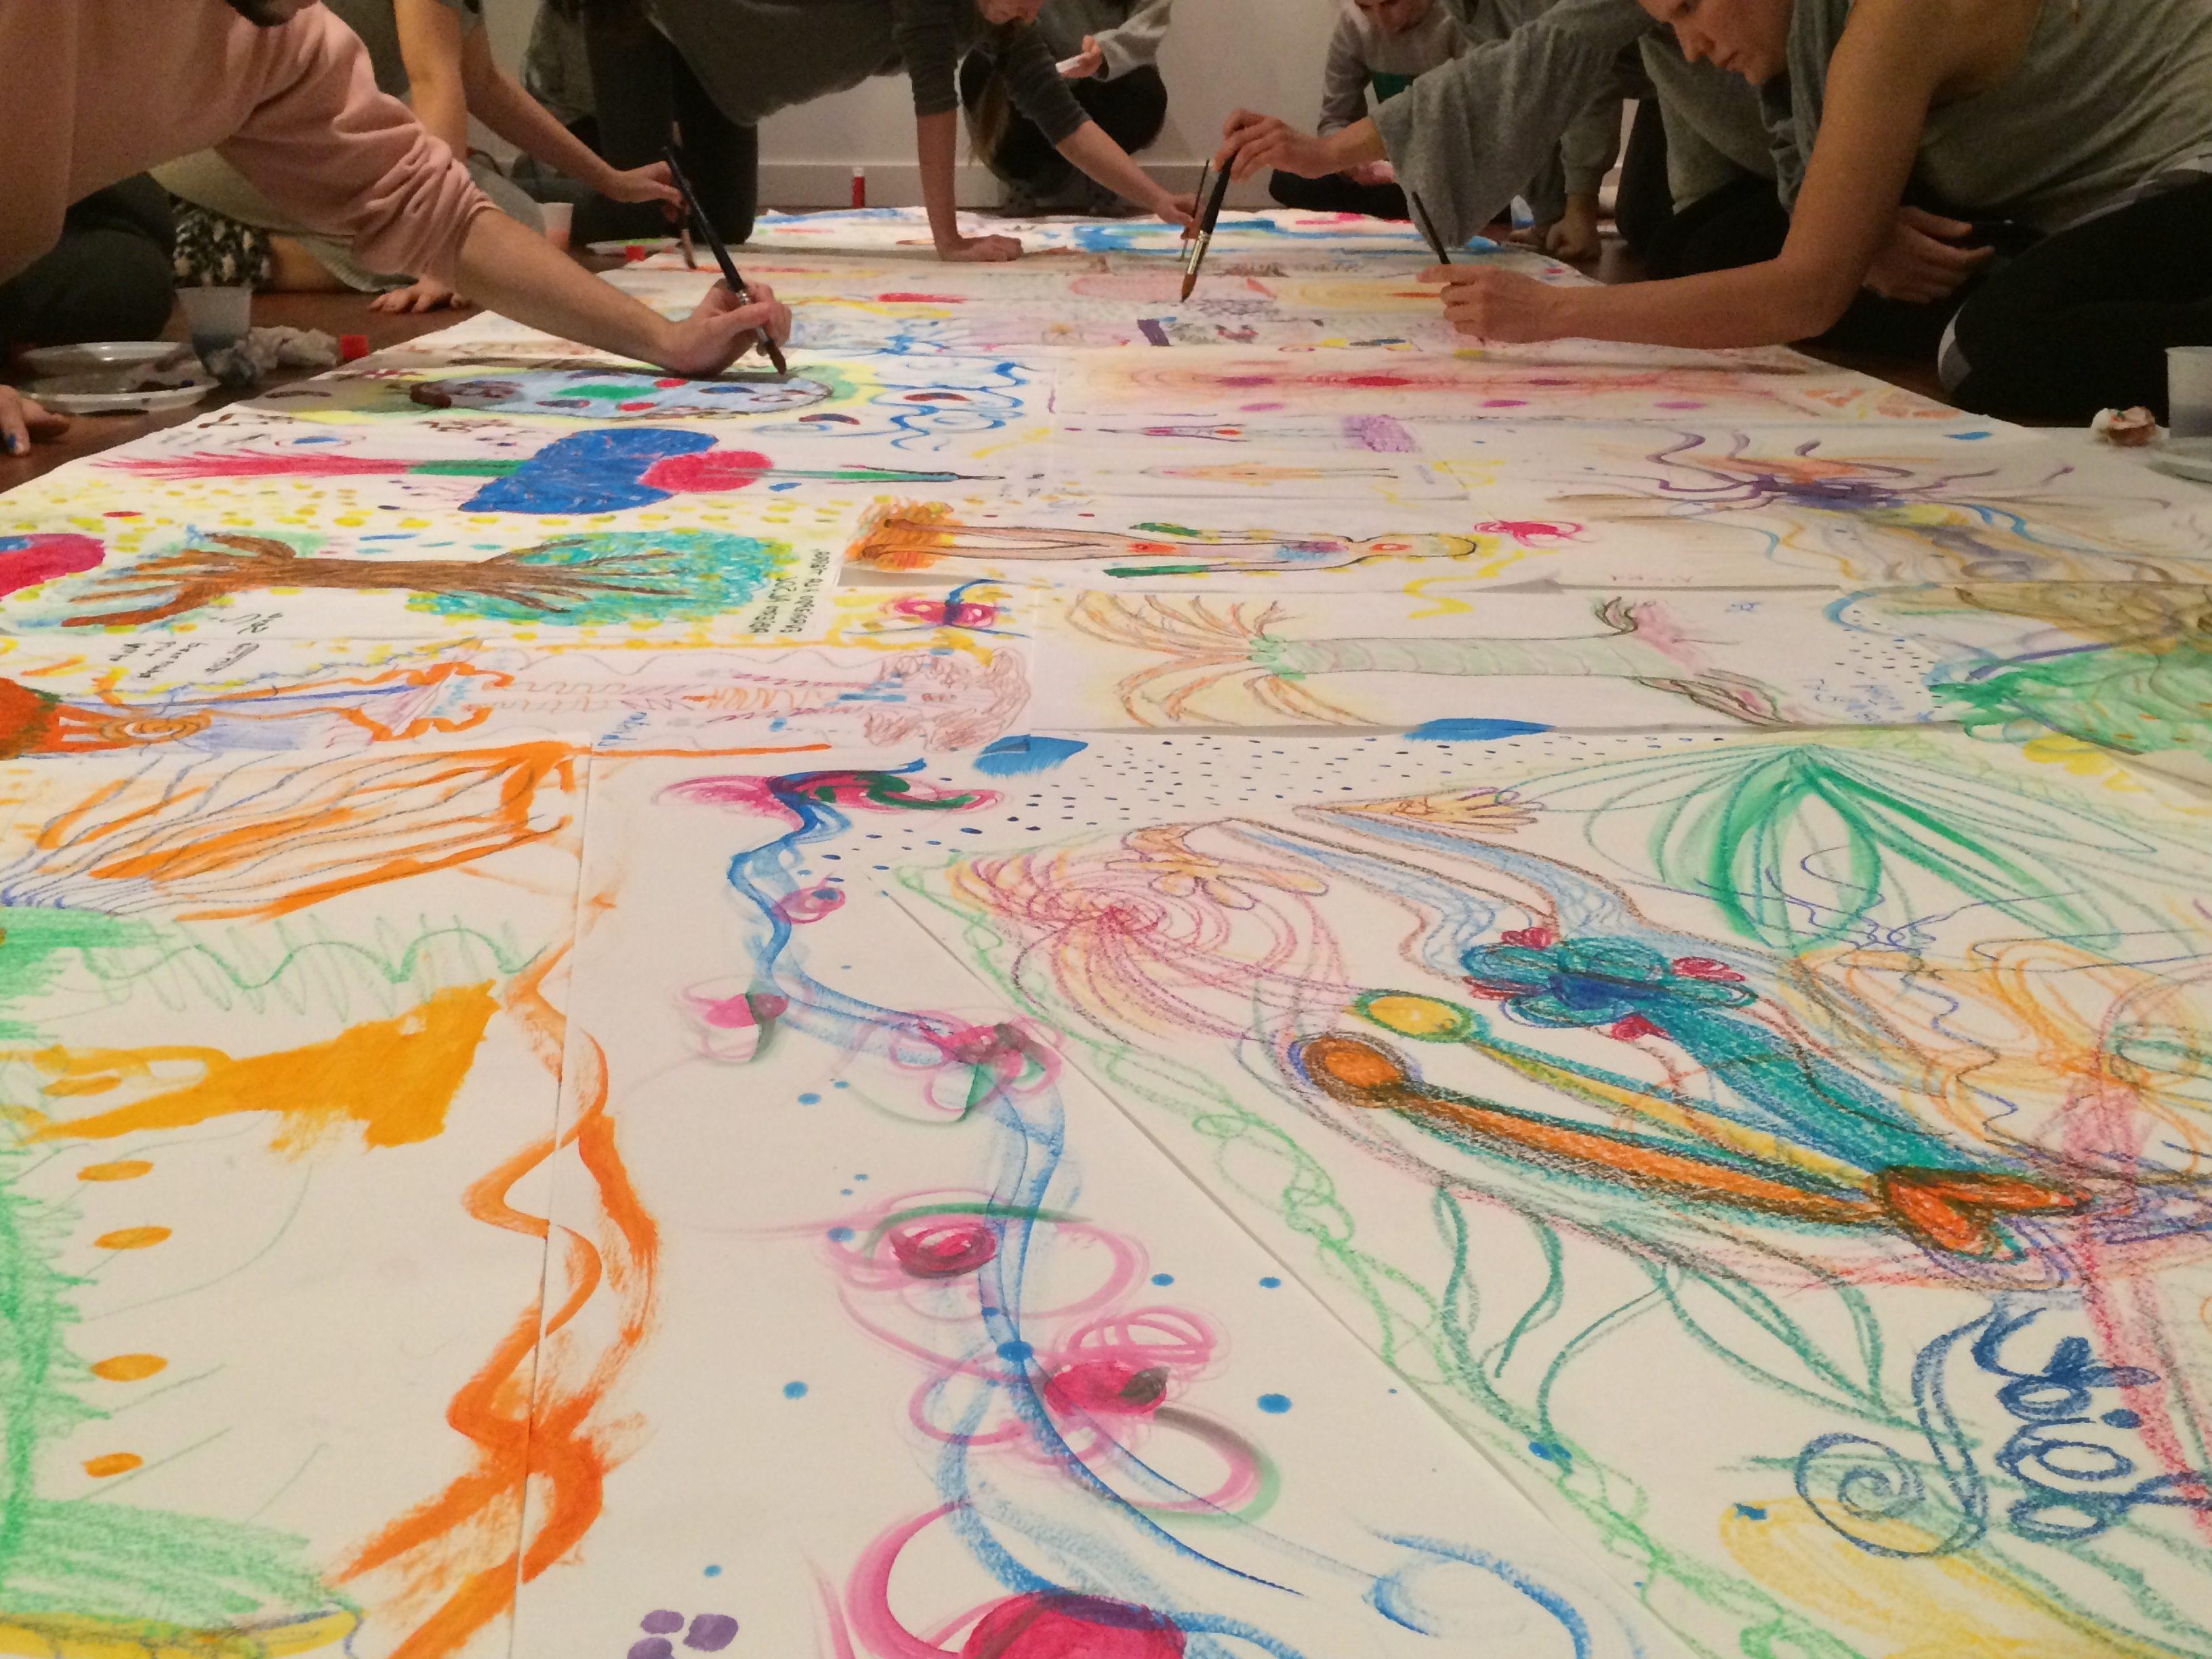 Cuerpo, expresión y creación artística